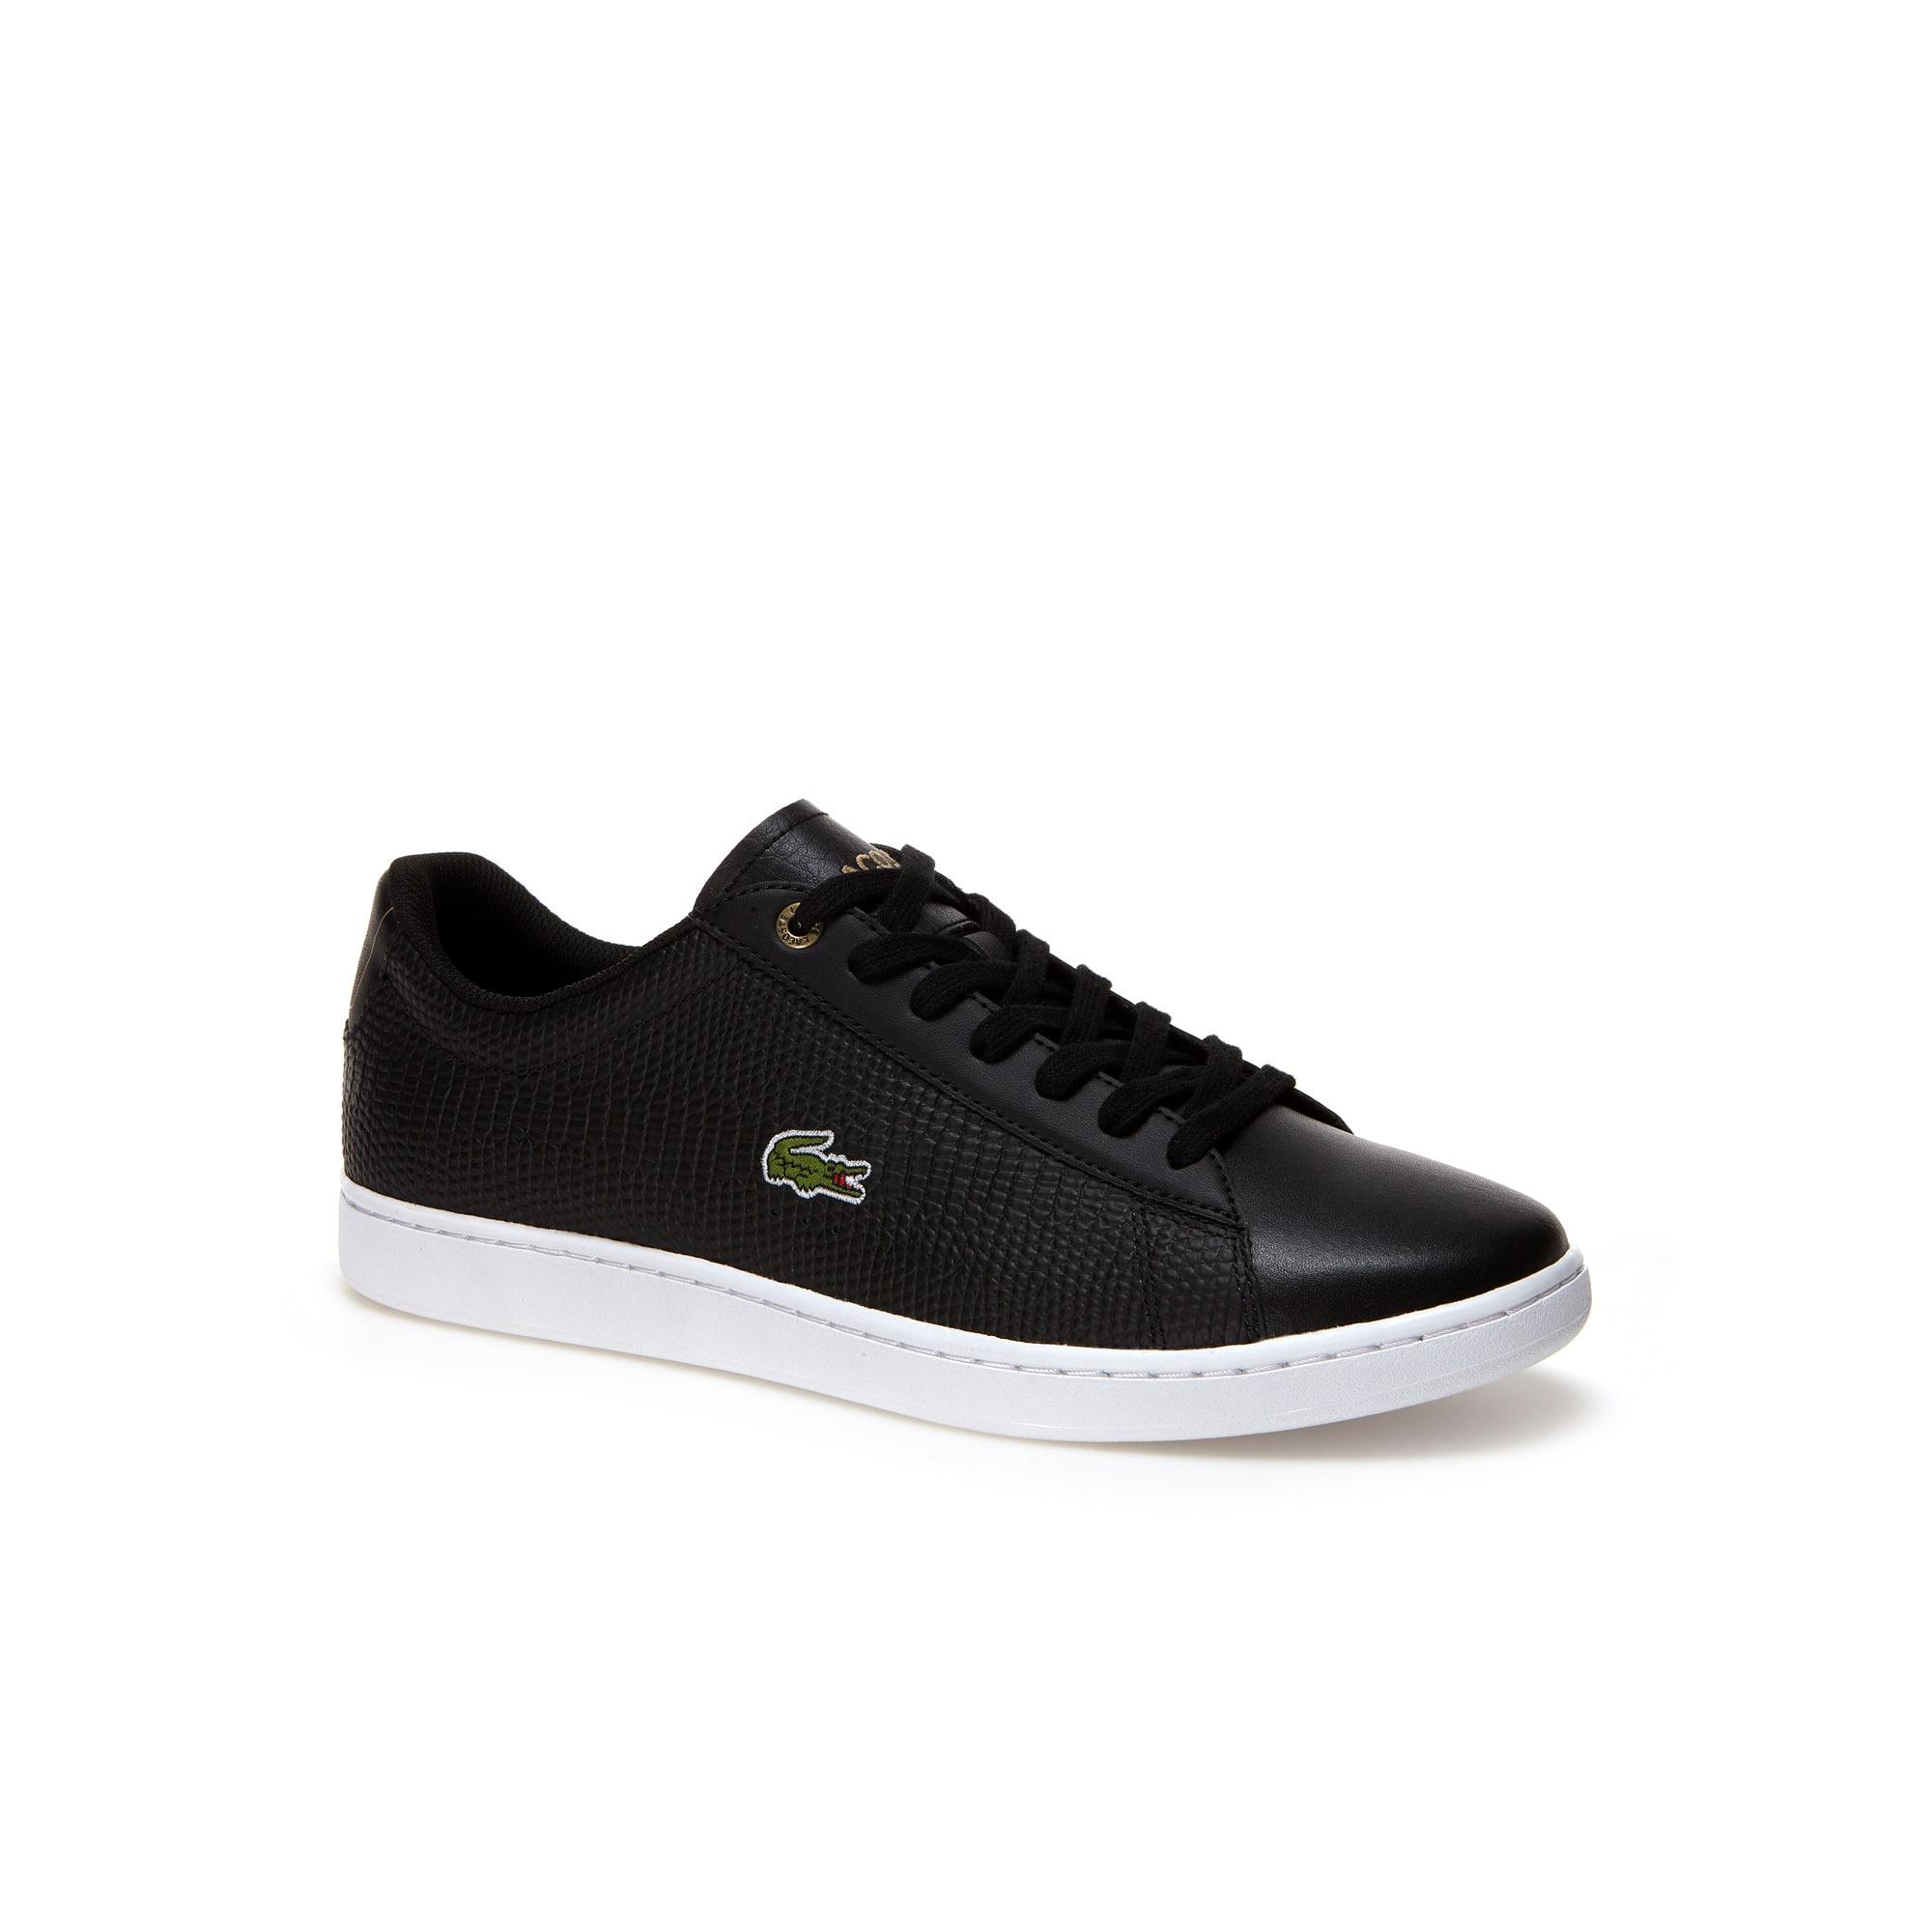 Sneakers Carnaby Evo en cuir